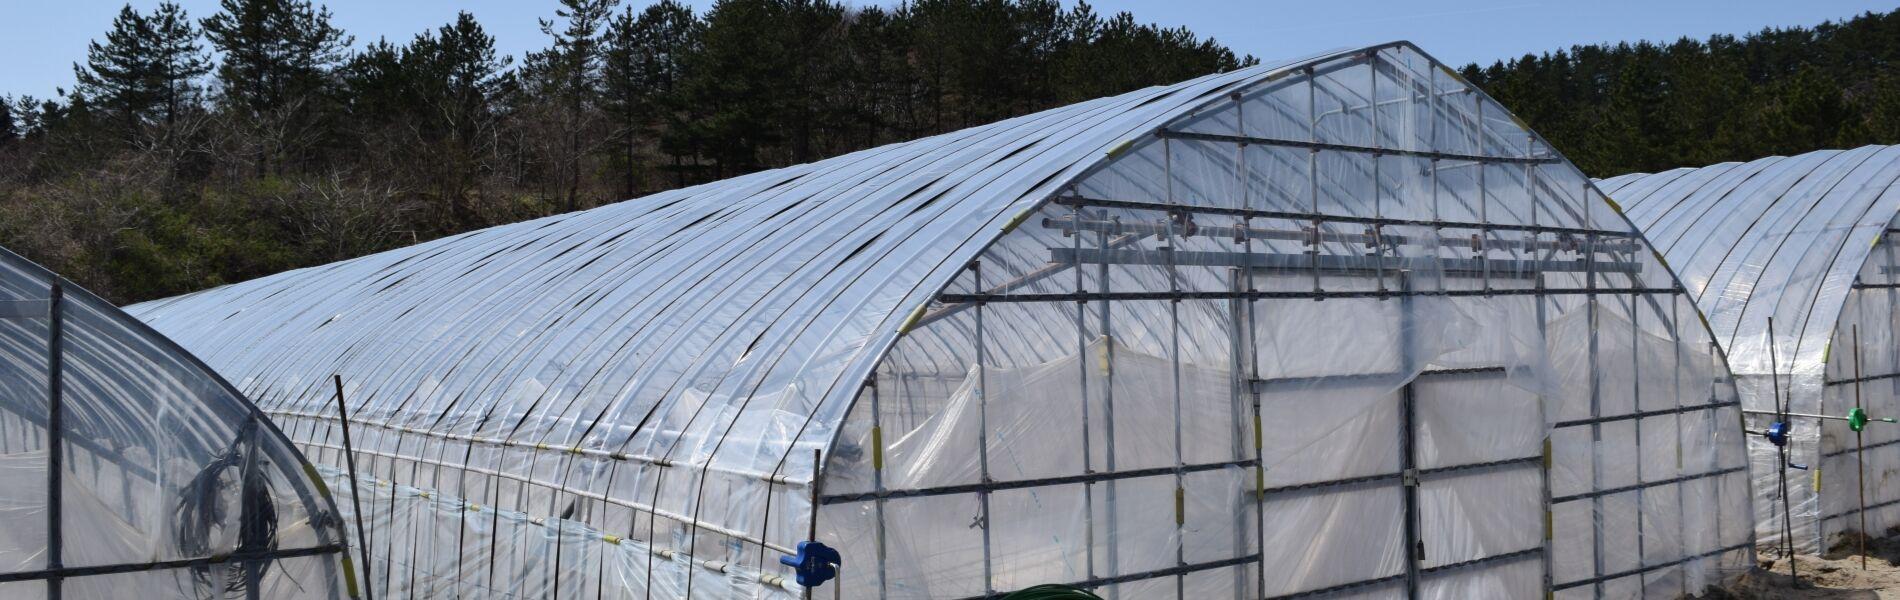 農業温度管理サービス